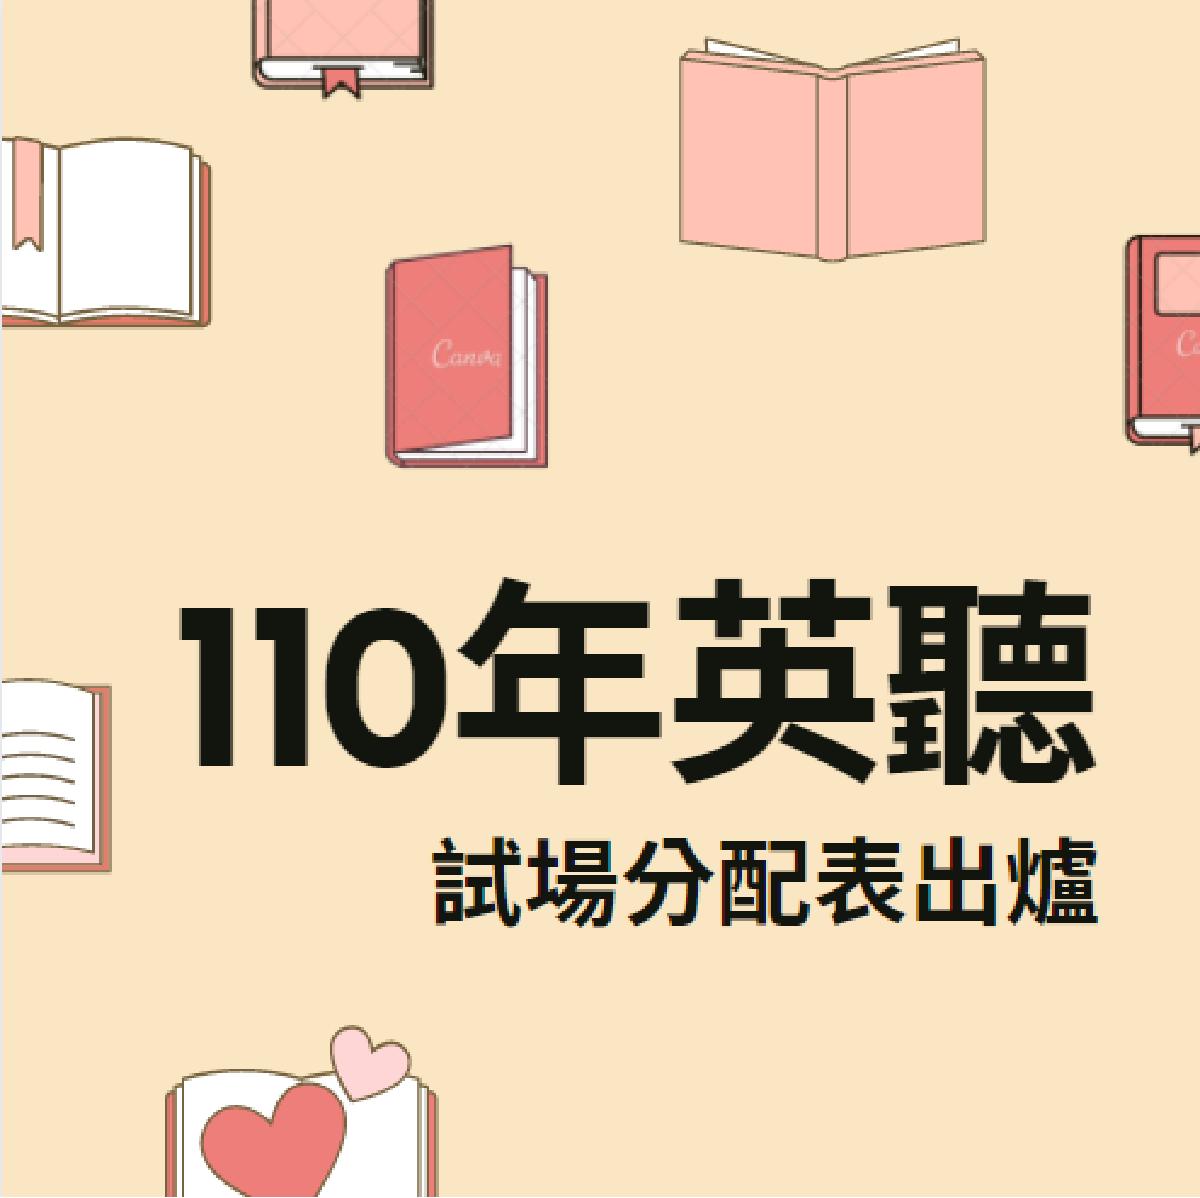 110學年第一次英語聽力測驗試場分配表公布-110學年